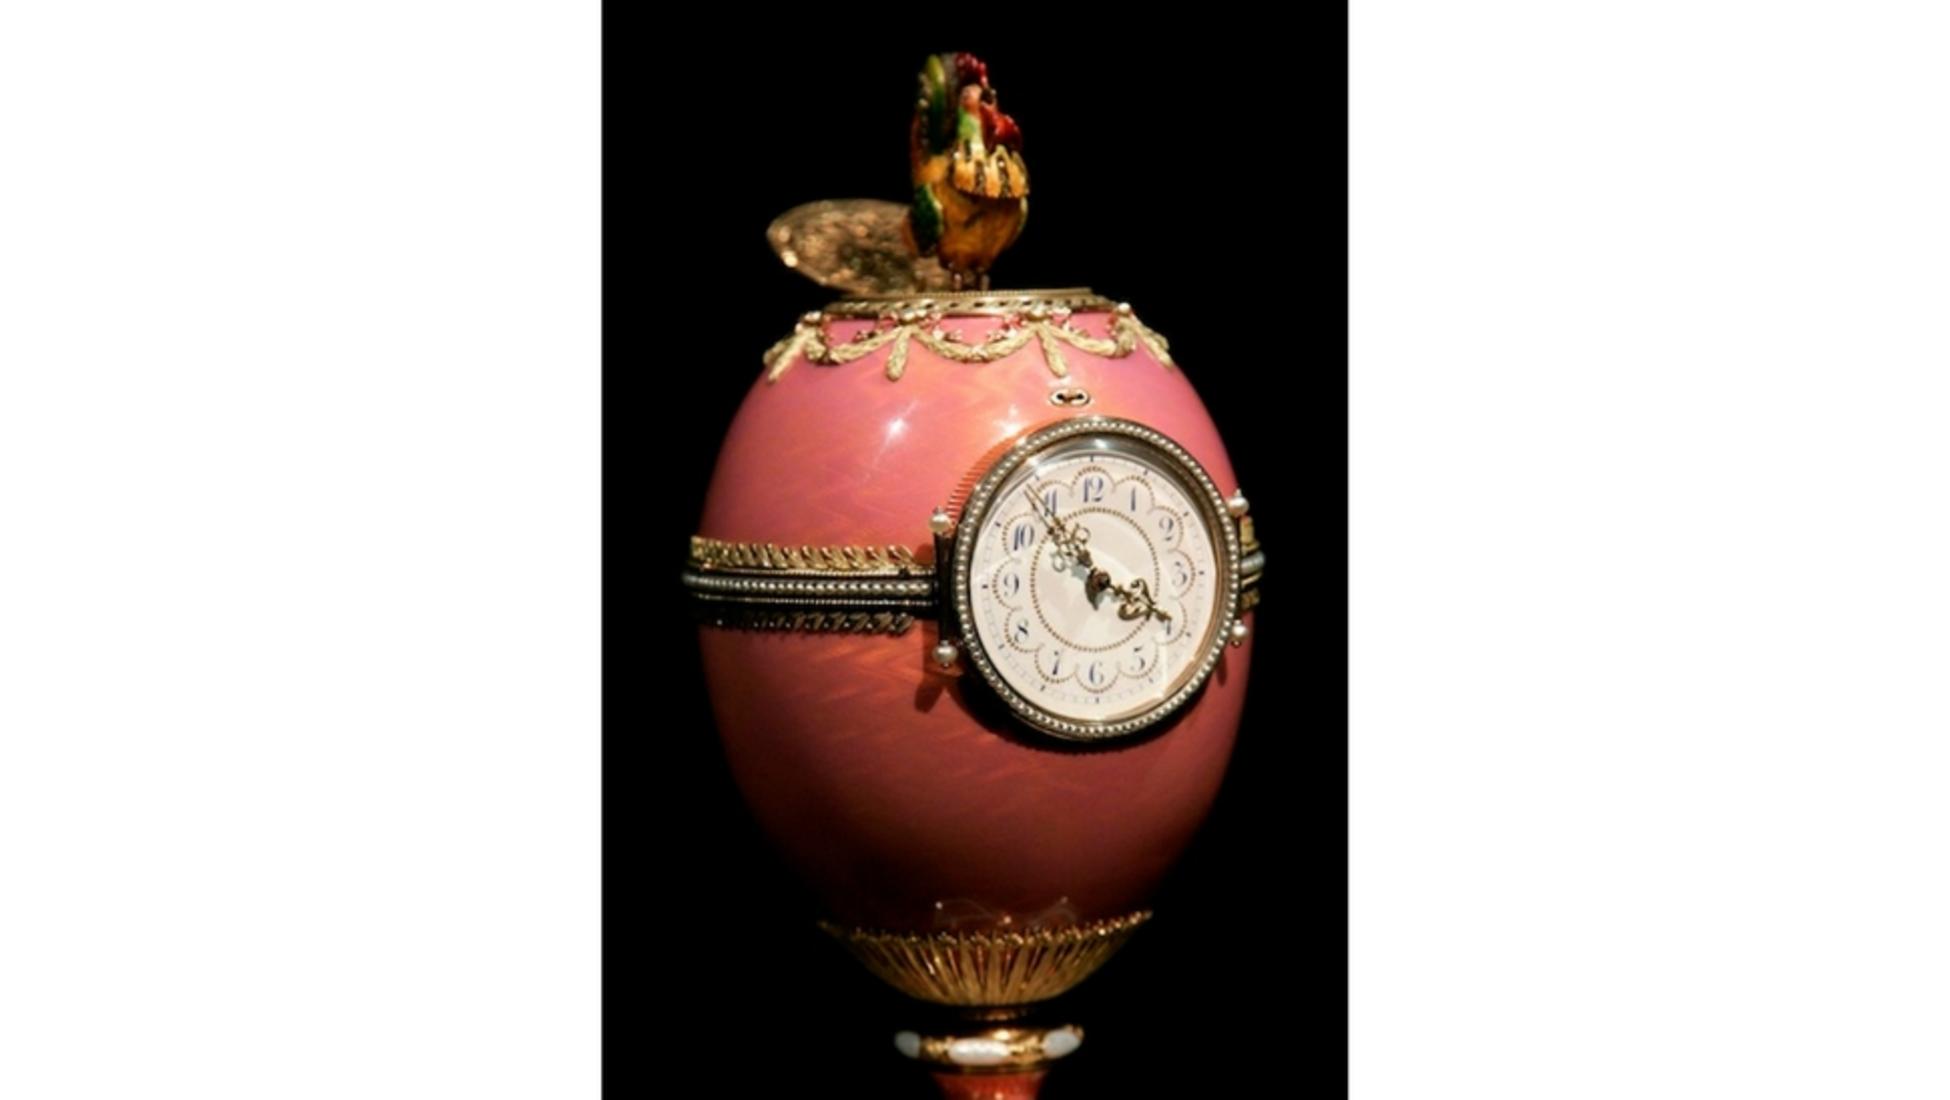 047524fc74e Os 5 relógios mais caros que já foram vendidos - Catawiki